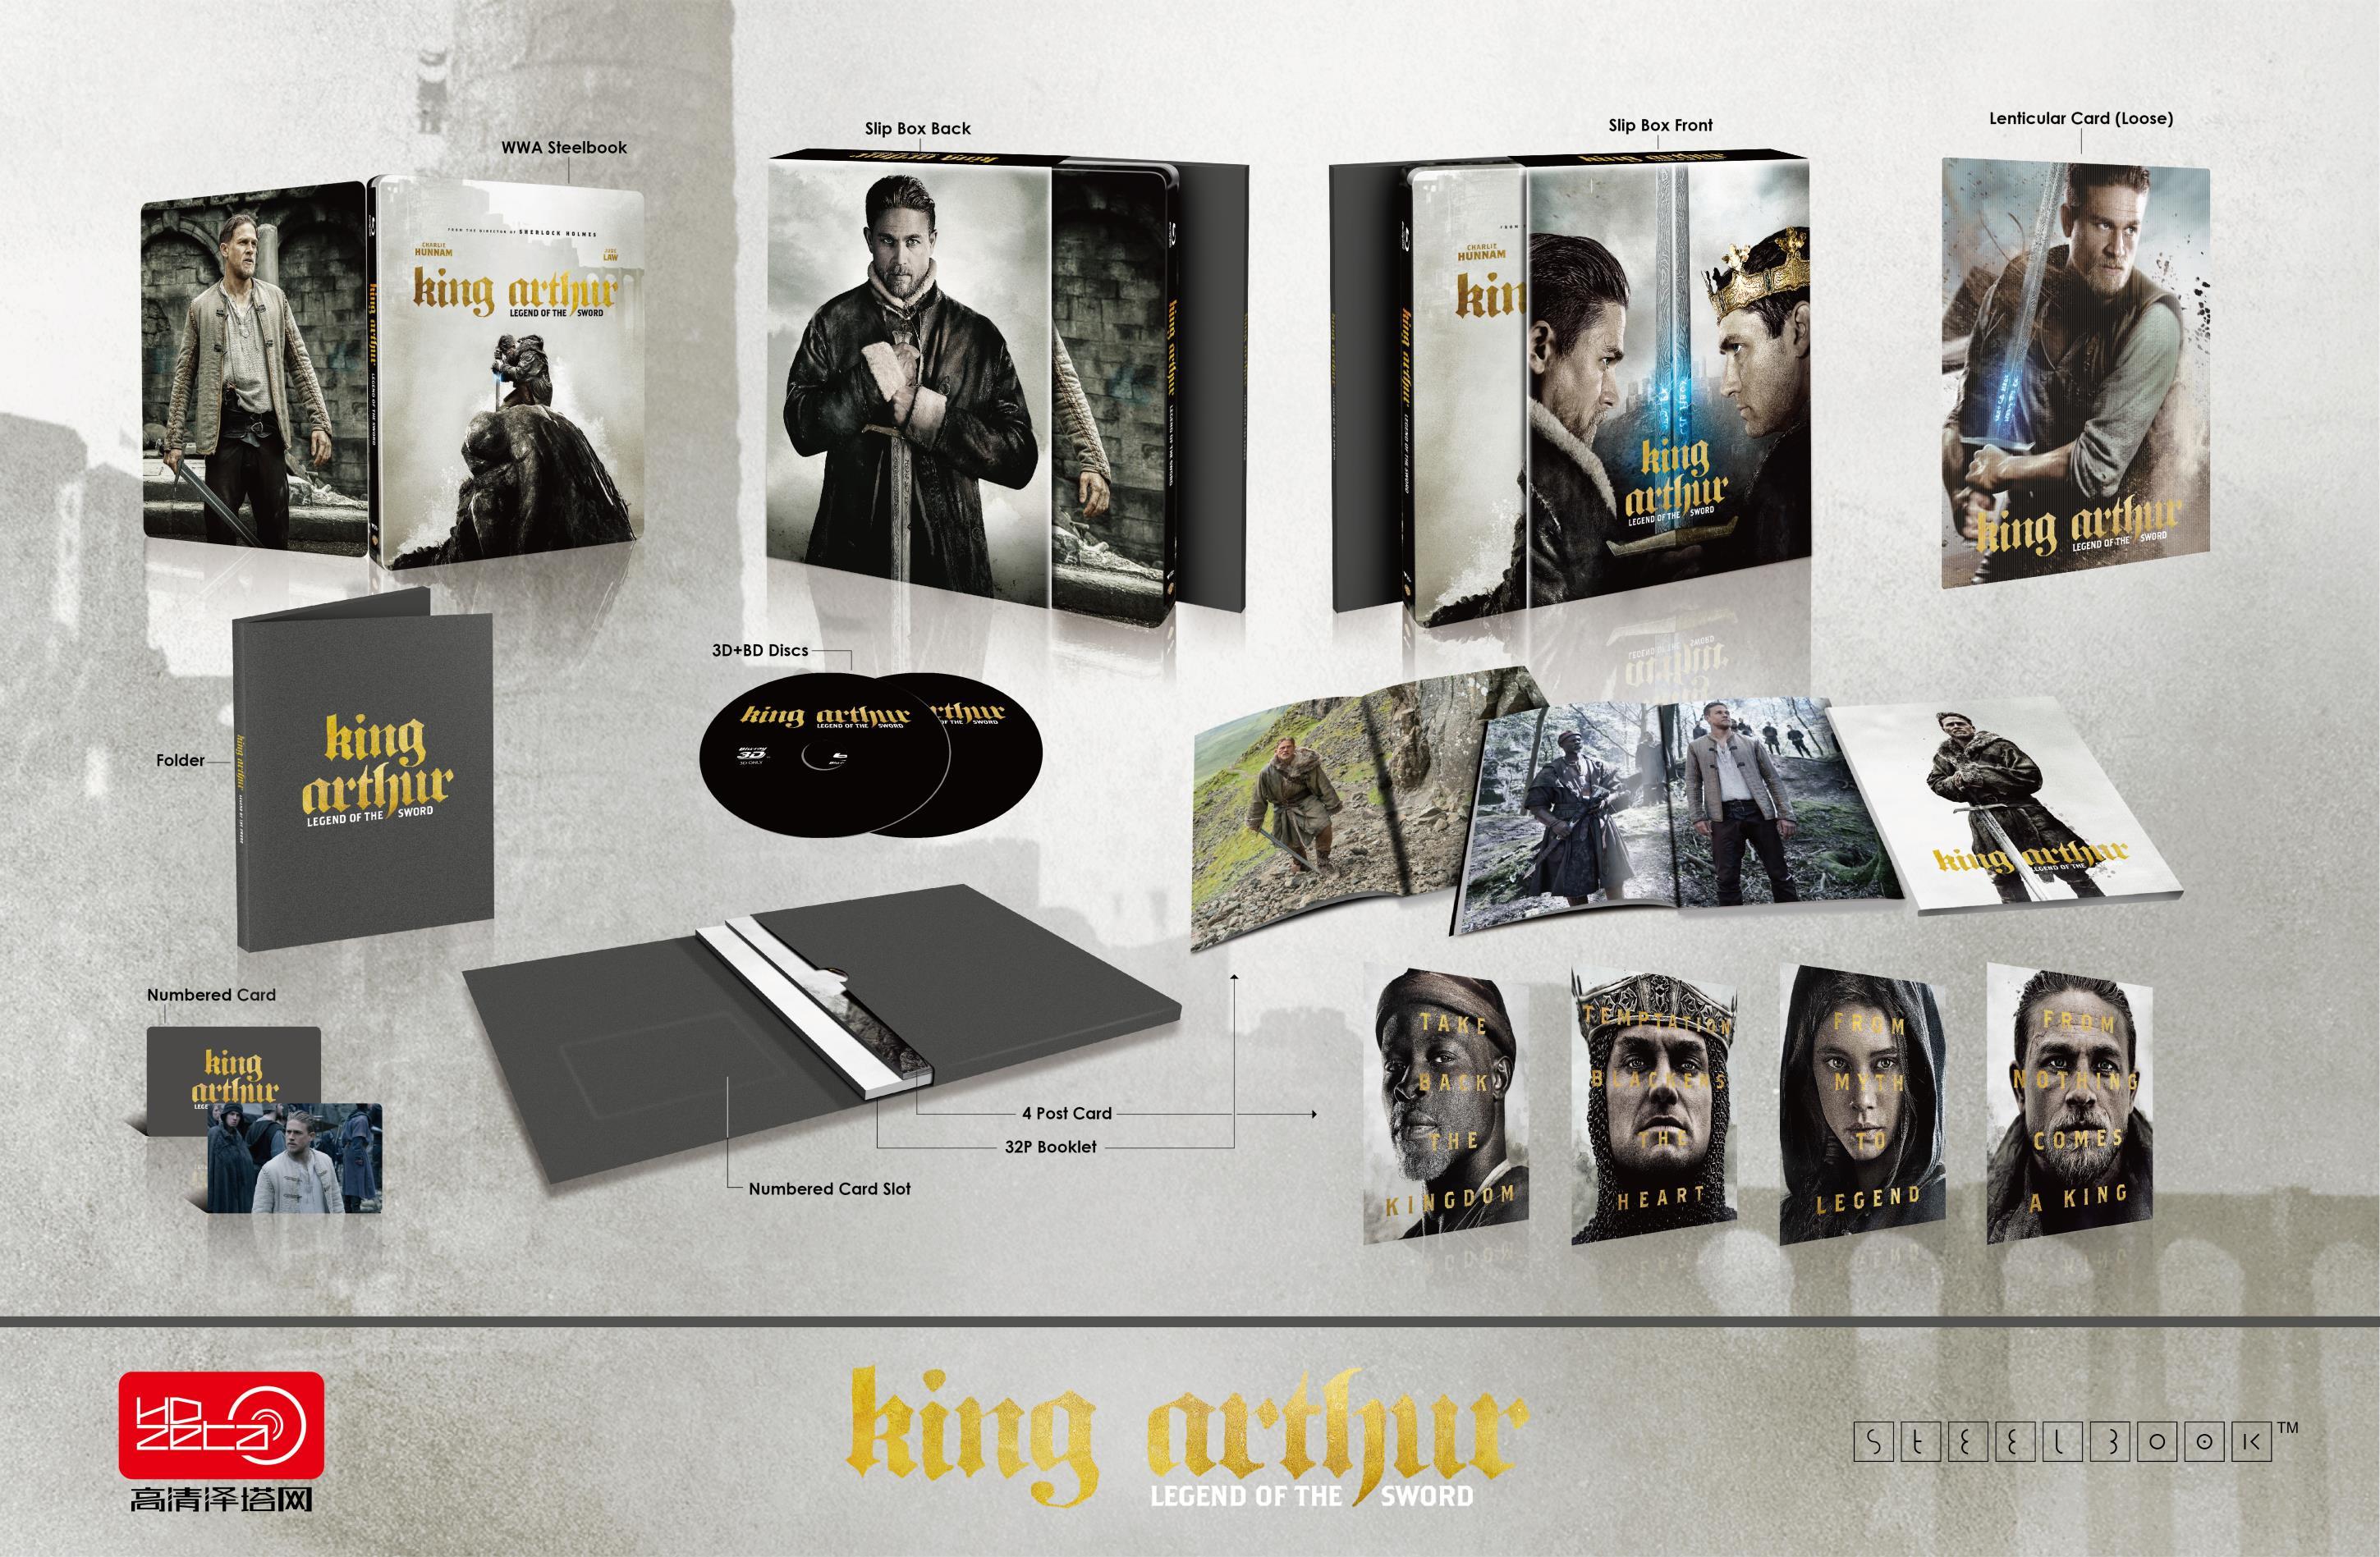 キング・アーサー King Arthur: Legend Of The Sword HDzeta Silver Label Special Edition スチールブック steelbook